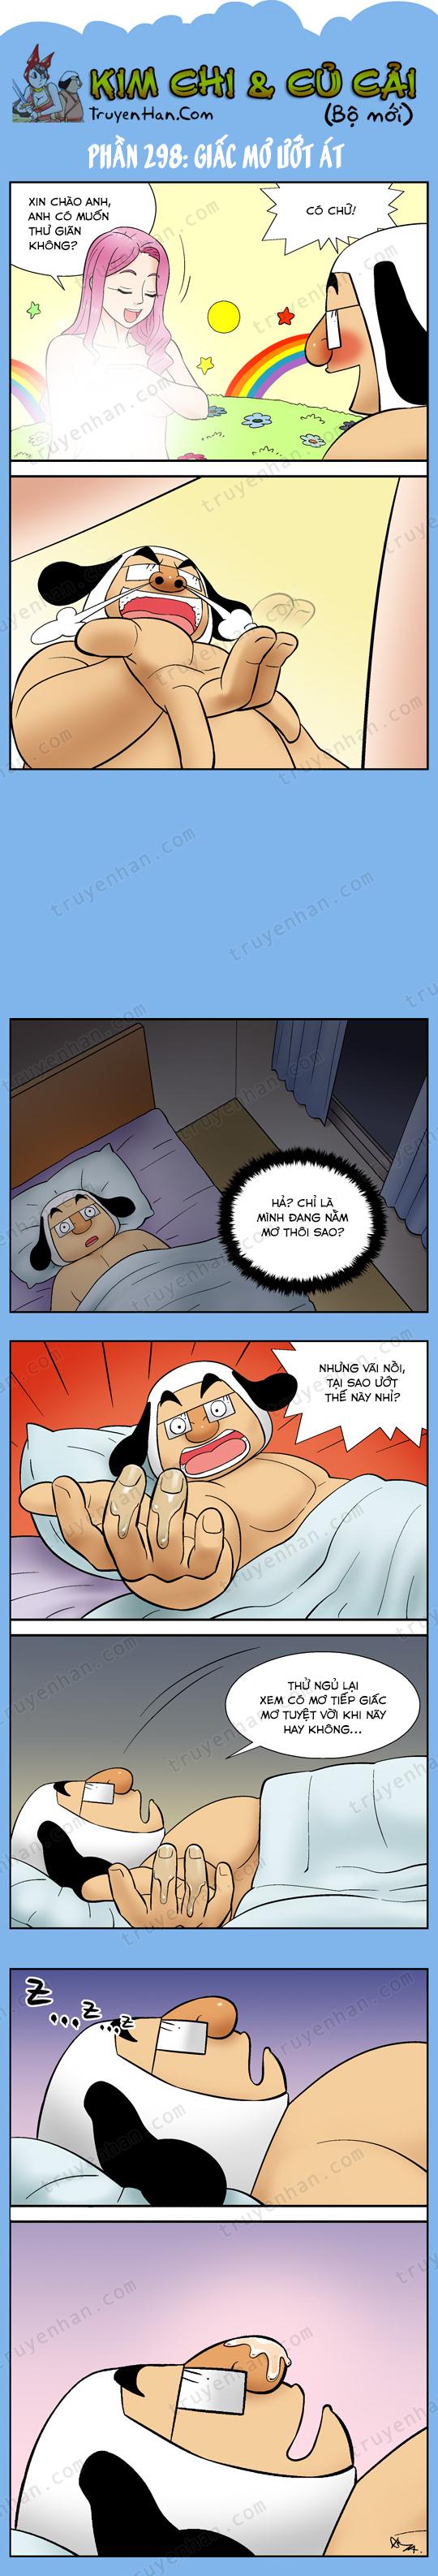 Kim Chi Và Củ Cải phần 298: Giấc mơ ướt át